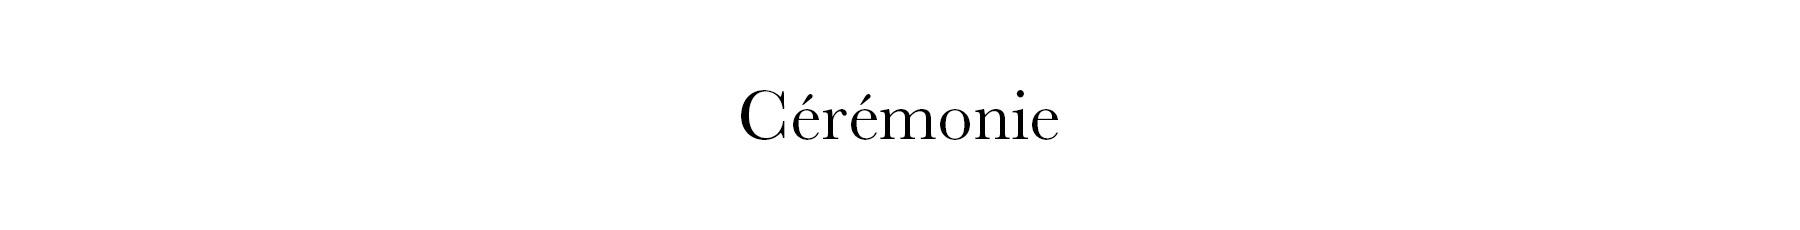 Cérémonies femme